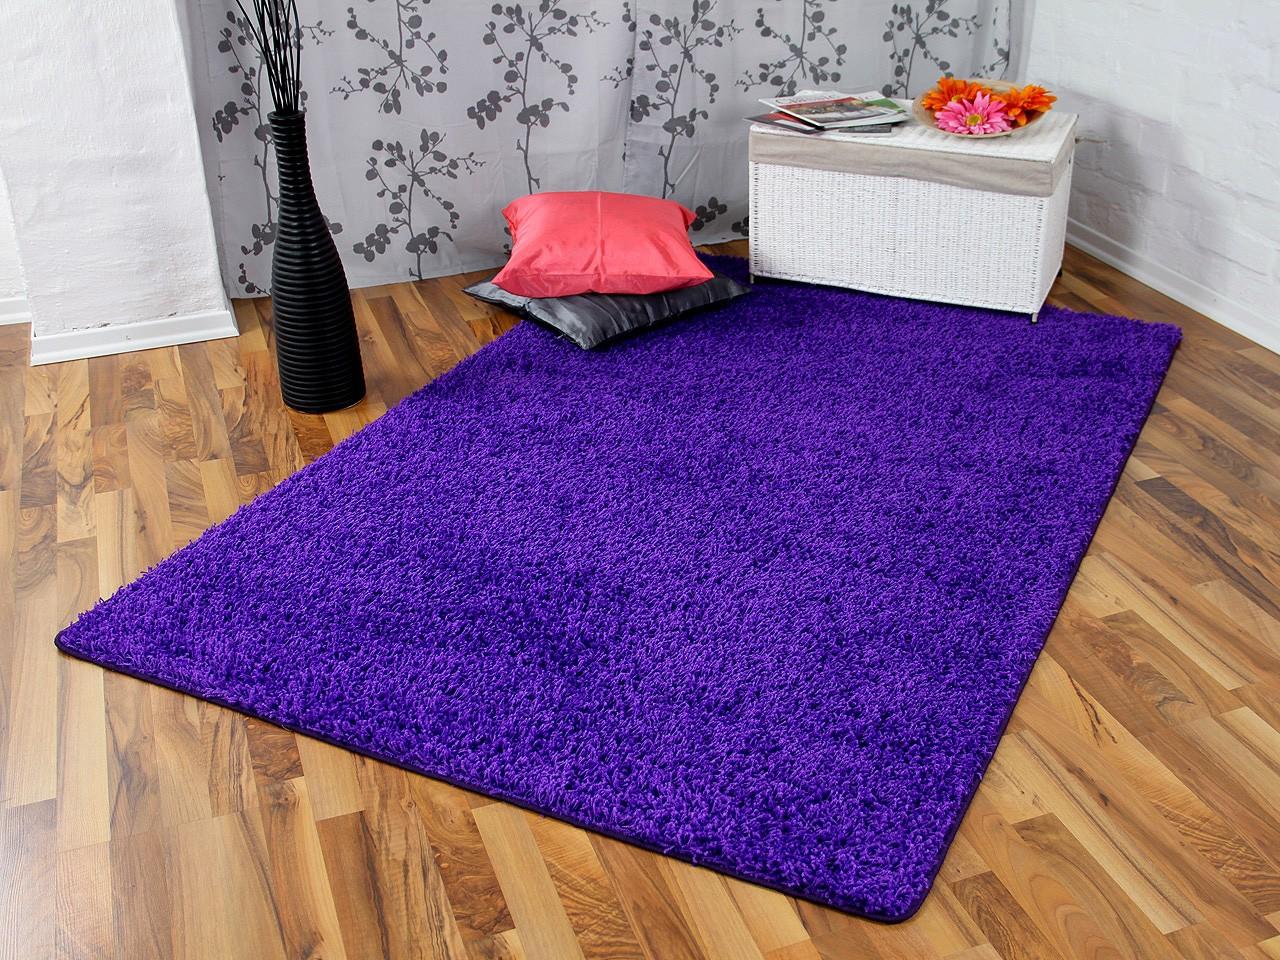 esprit teppich hochflor lila innenr ume und m bel ideen. Black Bedroom Furniture Sets. Home Design Ideas